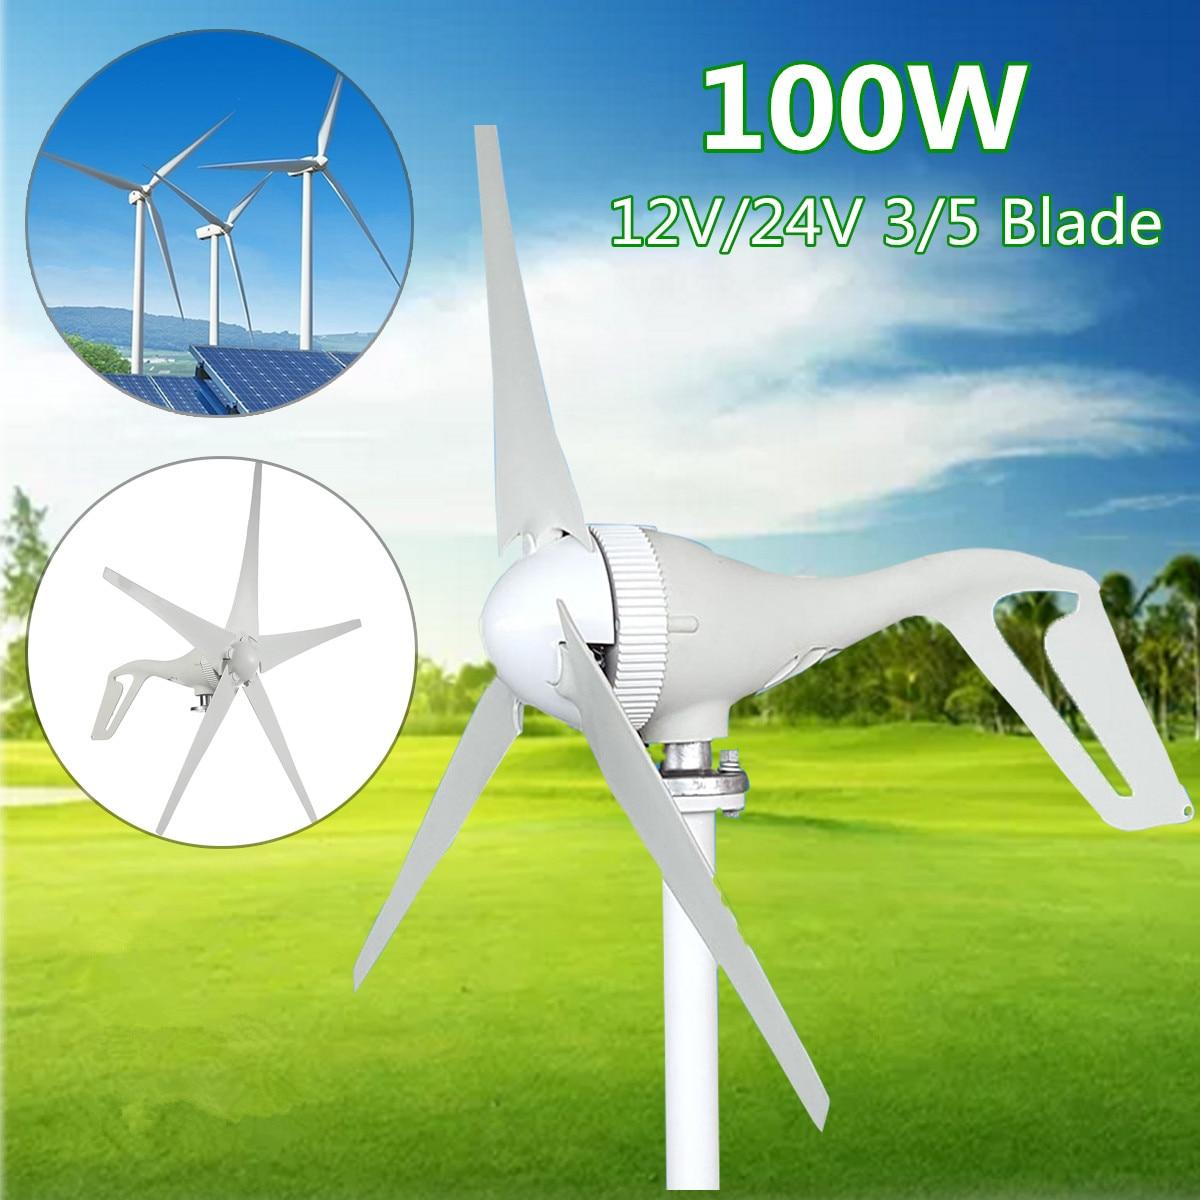 100W/200W/300W/400W Mini Wind Turbine Generator DC 12V/24V Wind Power Permanent Magnet Generator + 600W Wind Energy Controller 100w 200w 300w 400w lantern wind turbine generator dc 12v 24v wind power permanent magnet generator 600w wind energy controller